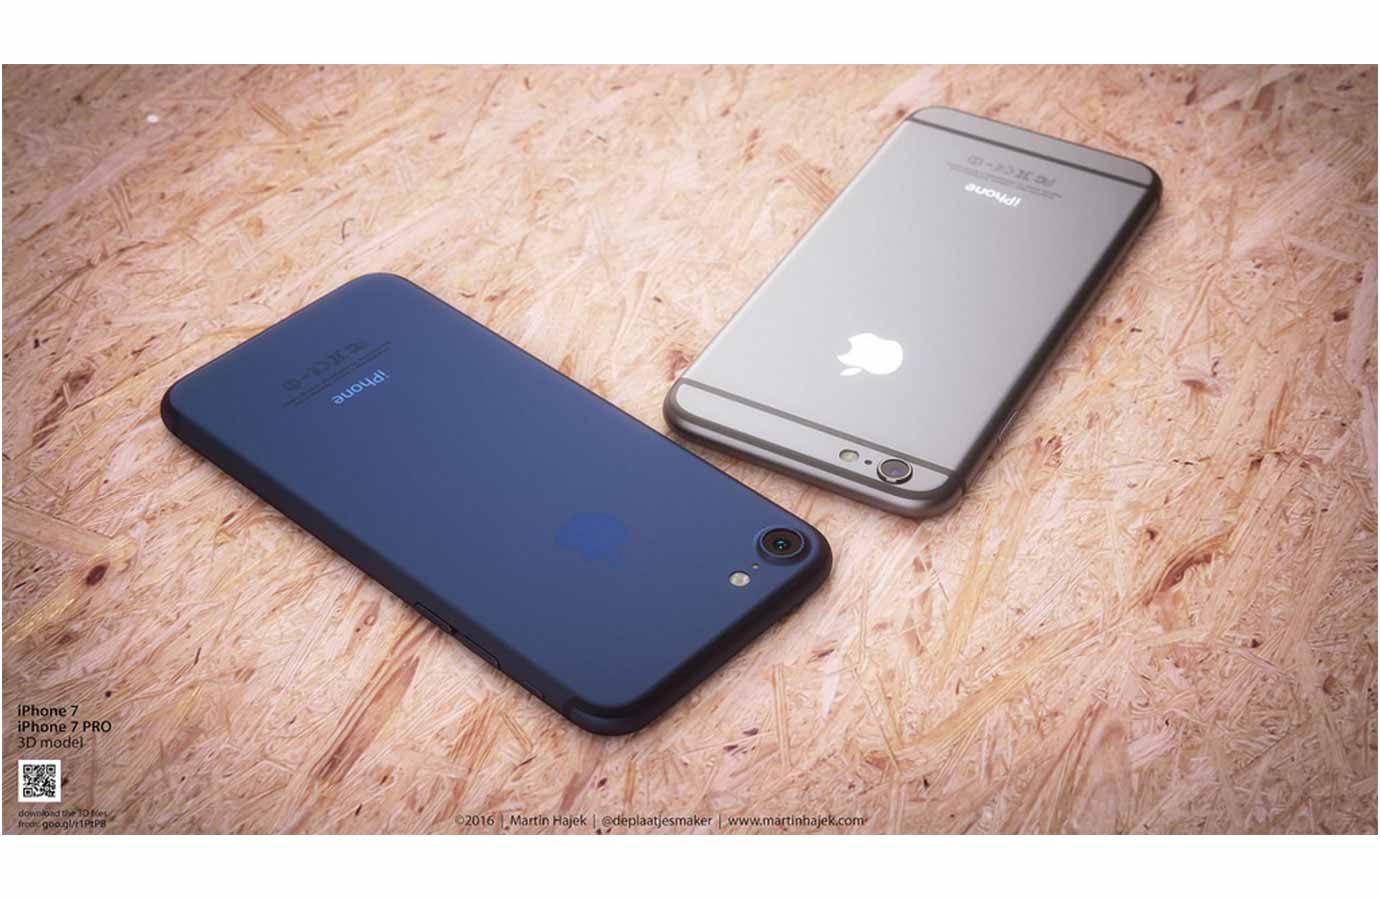 「iPhone 7」のバッテリー容量は1960mAhに!?